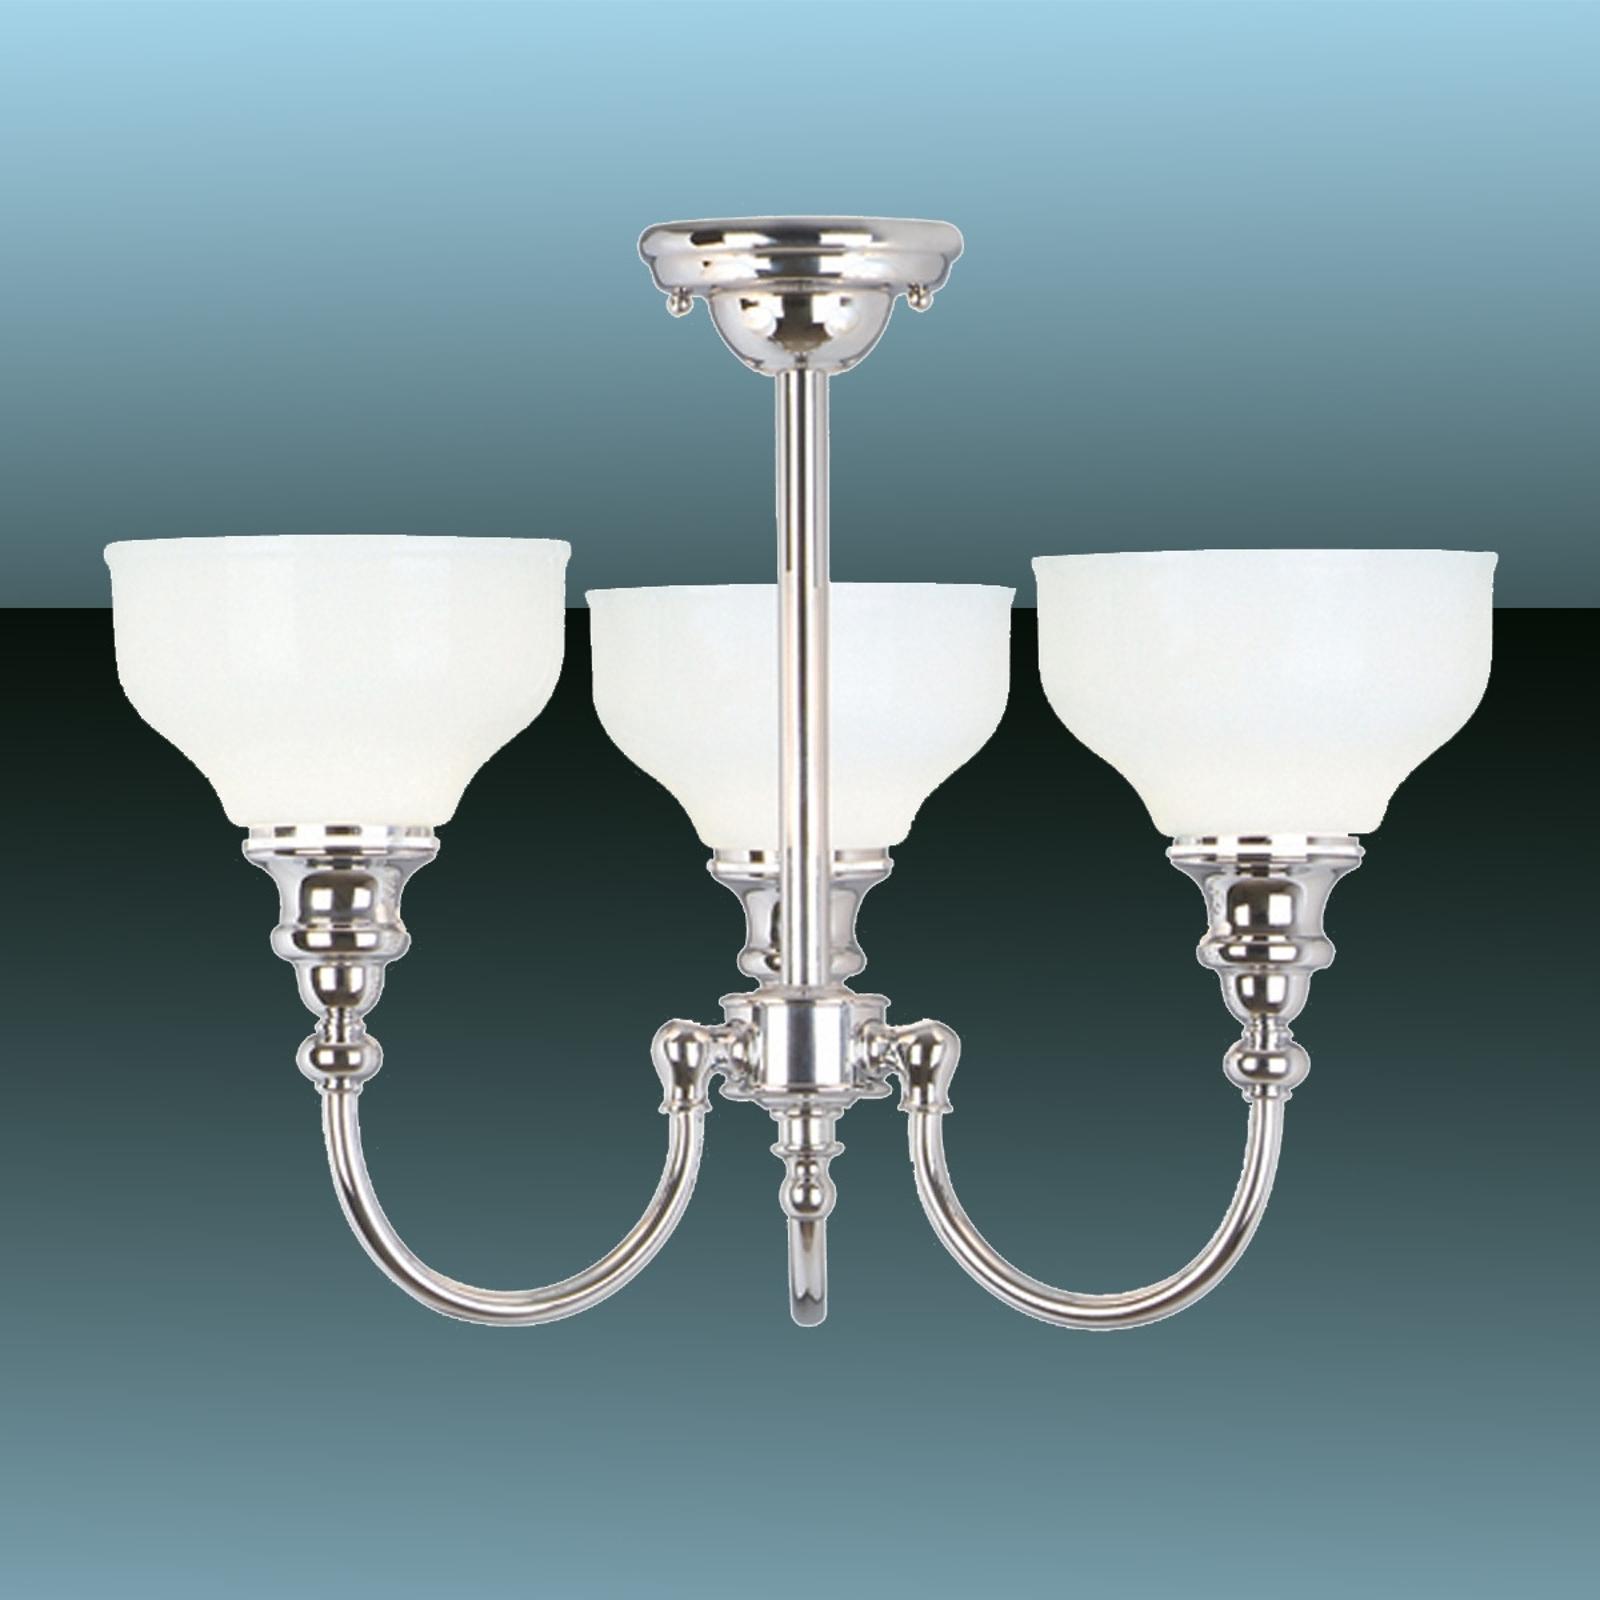 Cheadle Bathroom Ceiling Light Three Bulbs_3048149_1